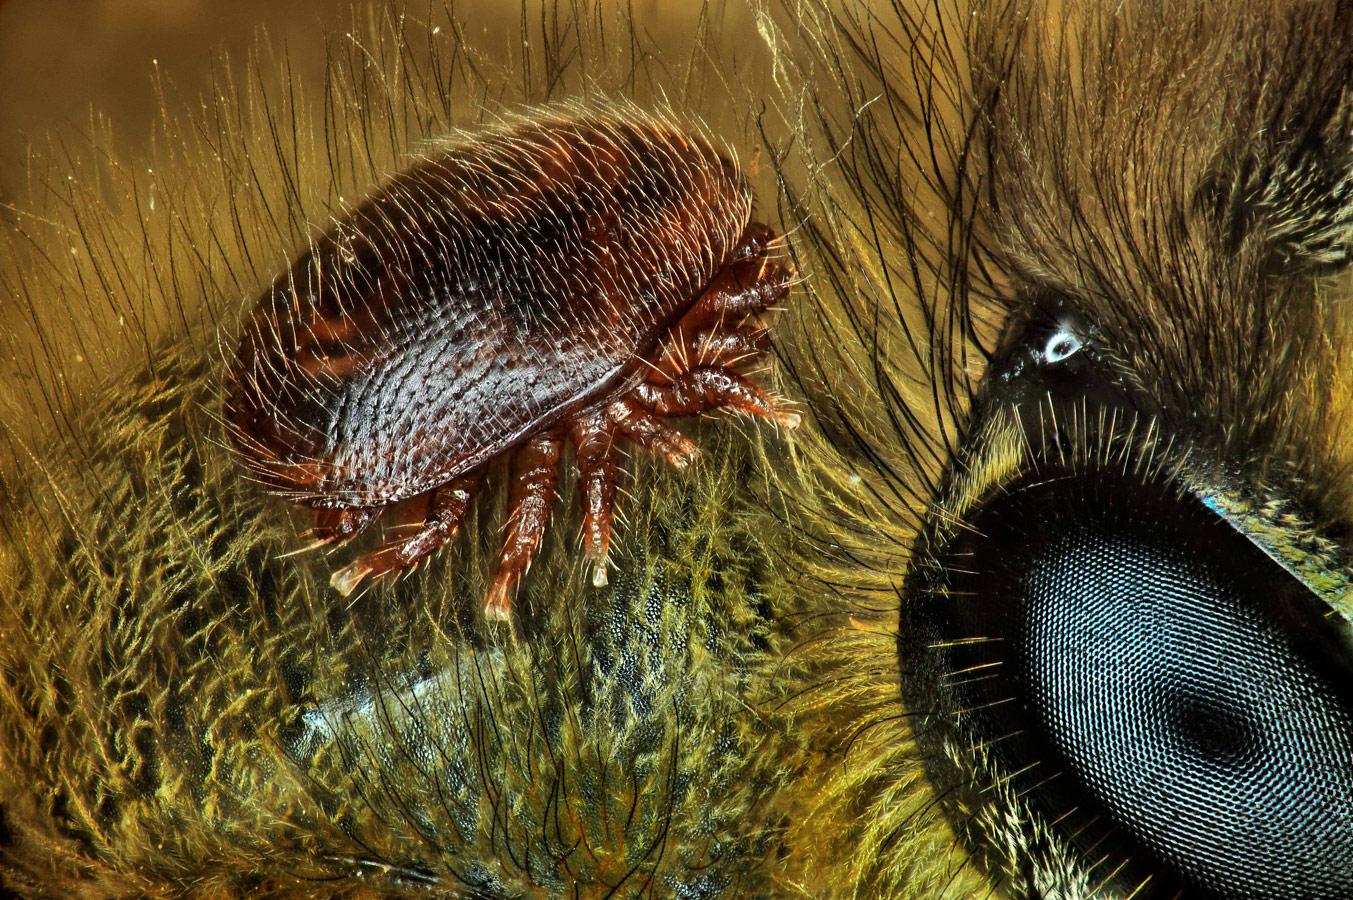 Varroa destructor (клещ) на спине Apis mellifera (пчелы), © Антуан Франк, CIRAD - сельскохозяйственные исследования в целях развития, Сен-Пьер, Реюньон, Франция, 15 место, Фотоконкурс Nikon Small World